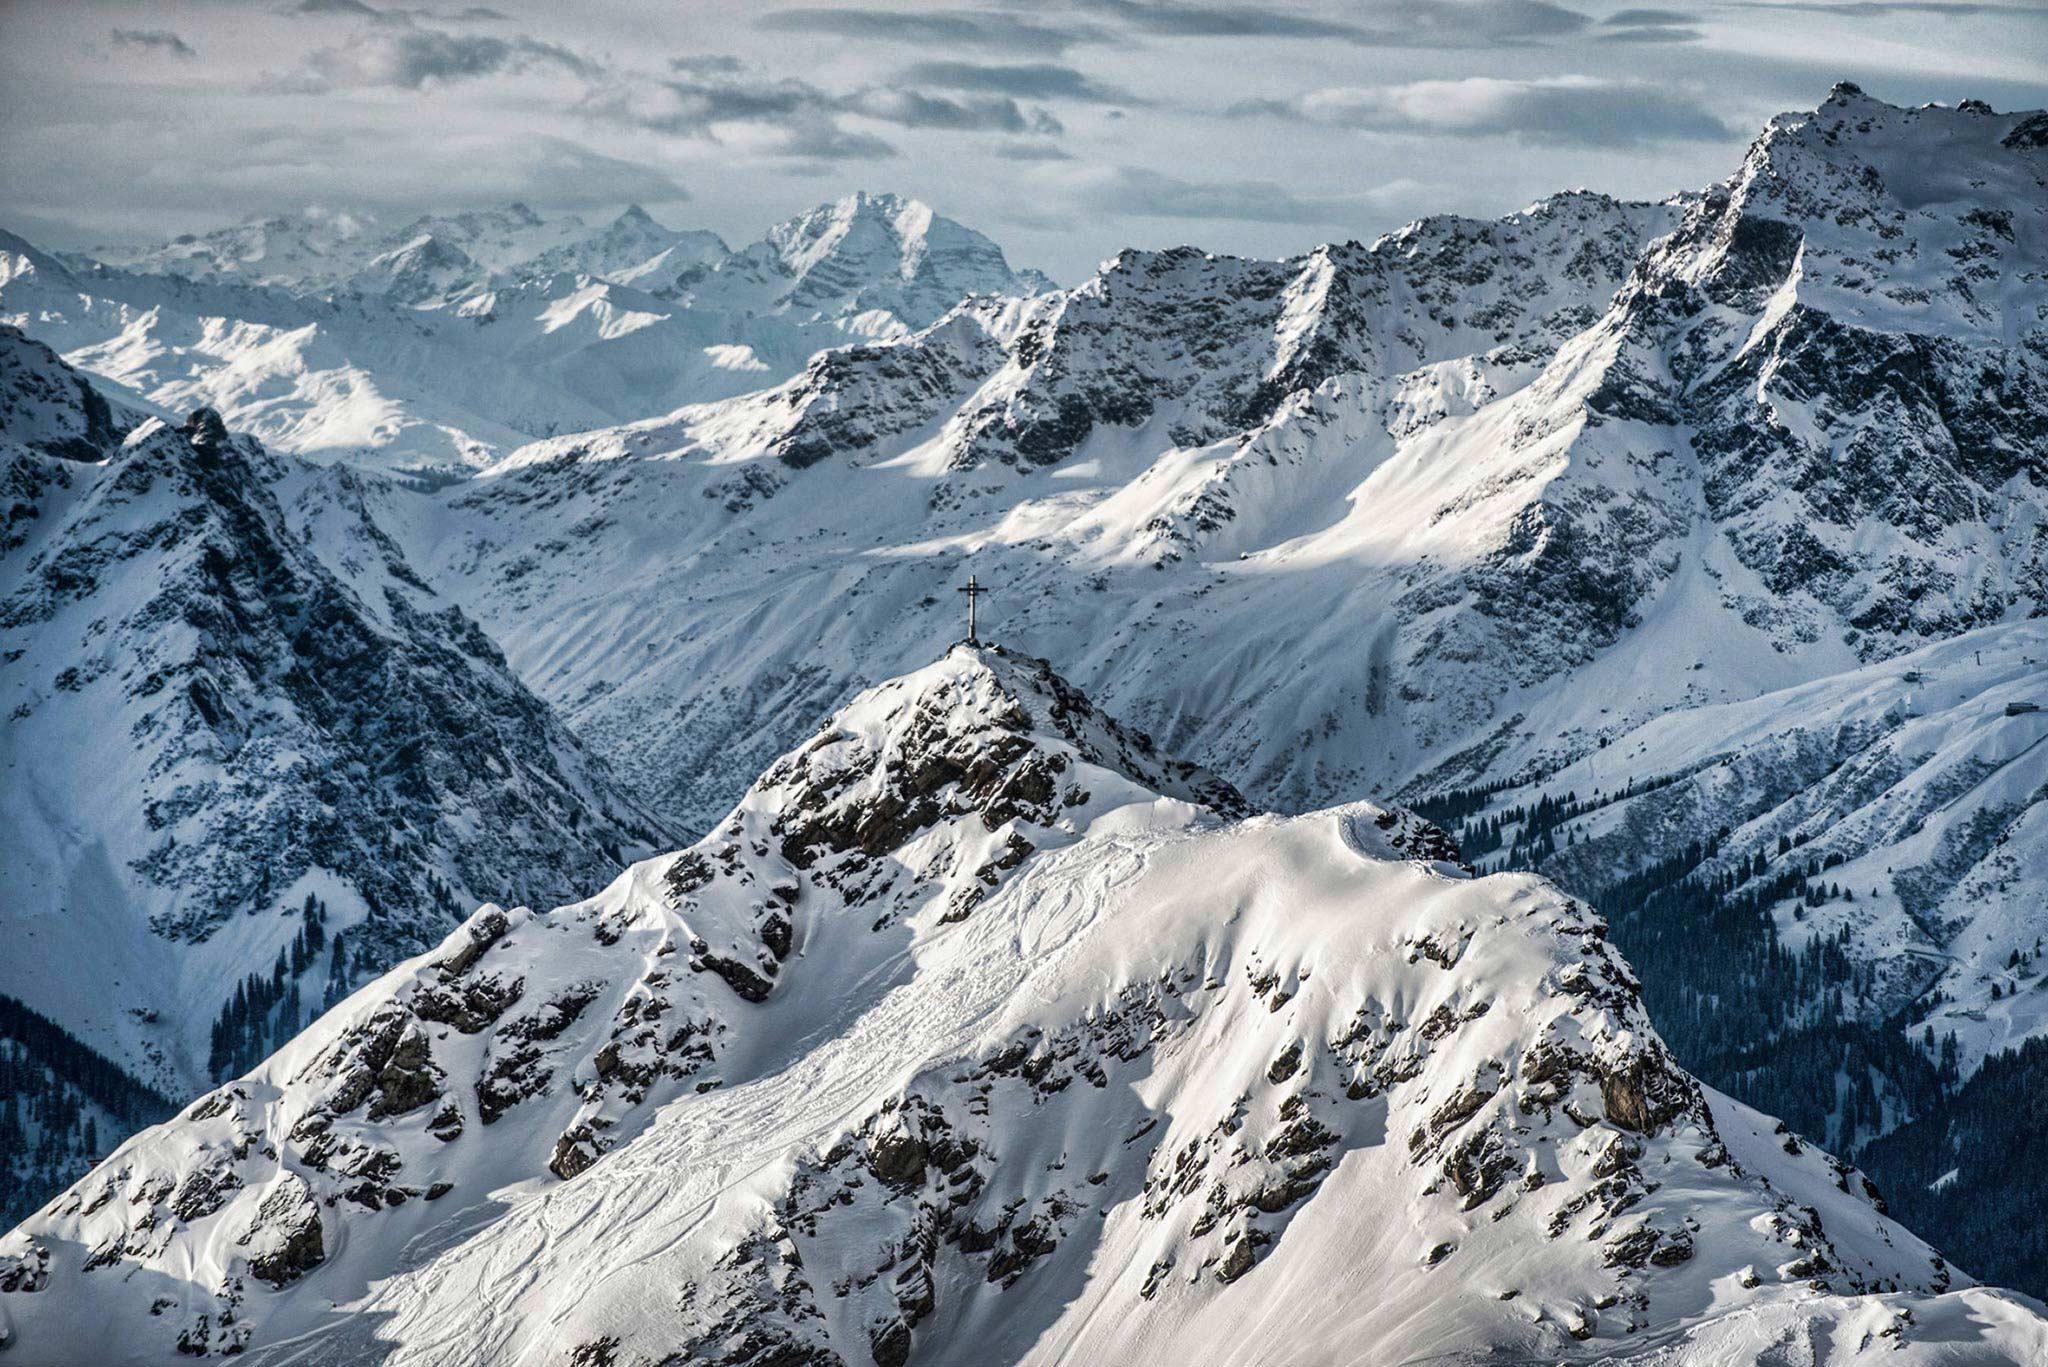 Von den insgesamt 140 Kilometern Piste in Silvretta Montafon liegt die Hälfte auf über 2.000 Höhenmetern - Foto: Daniel Hug